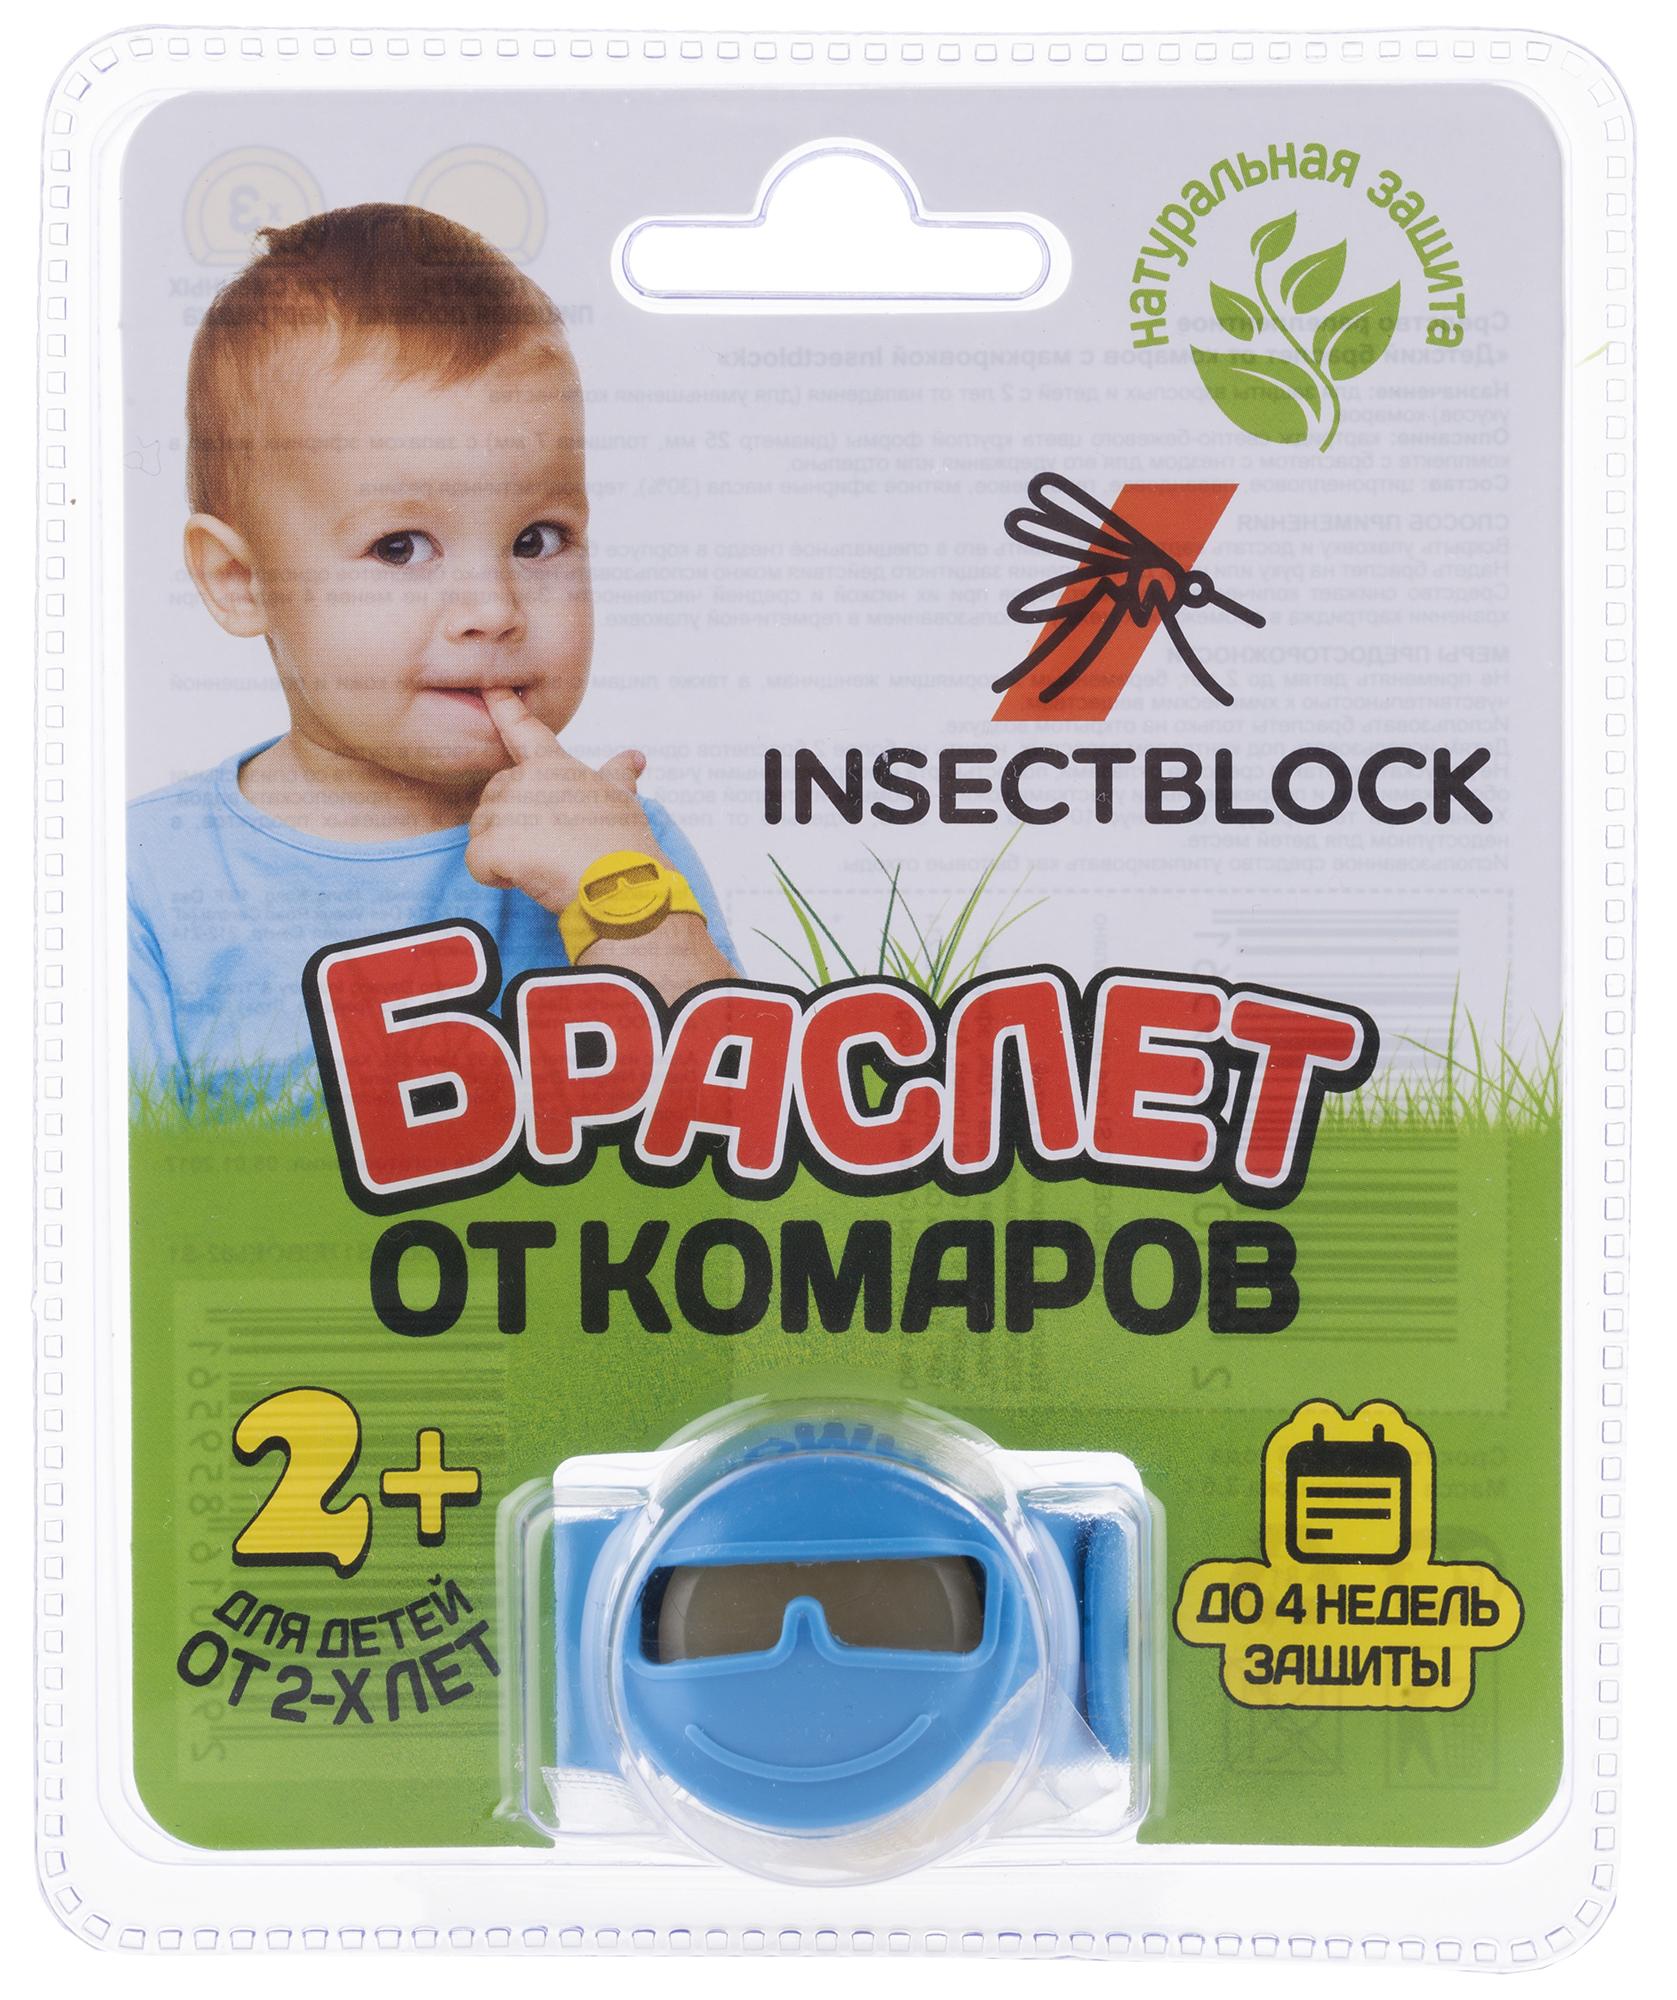 Insectblock Браслет от комаров детский